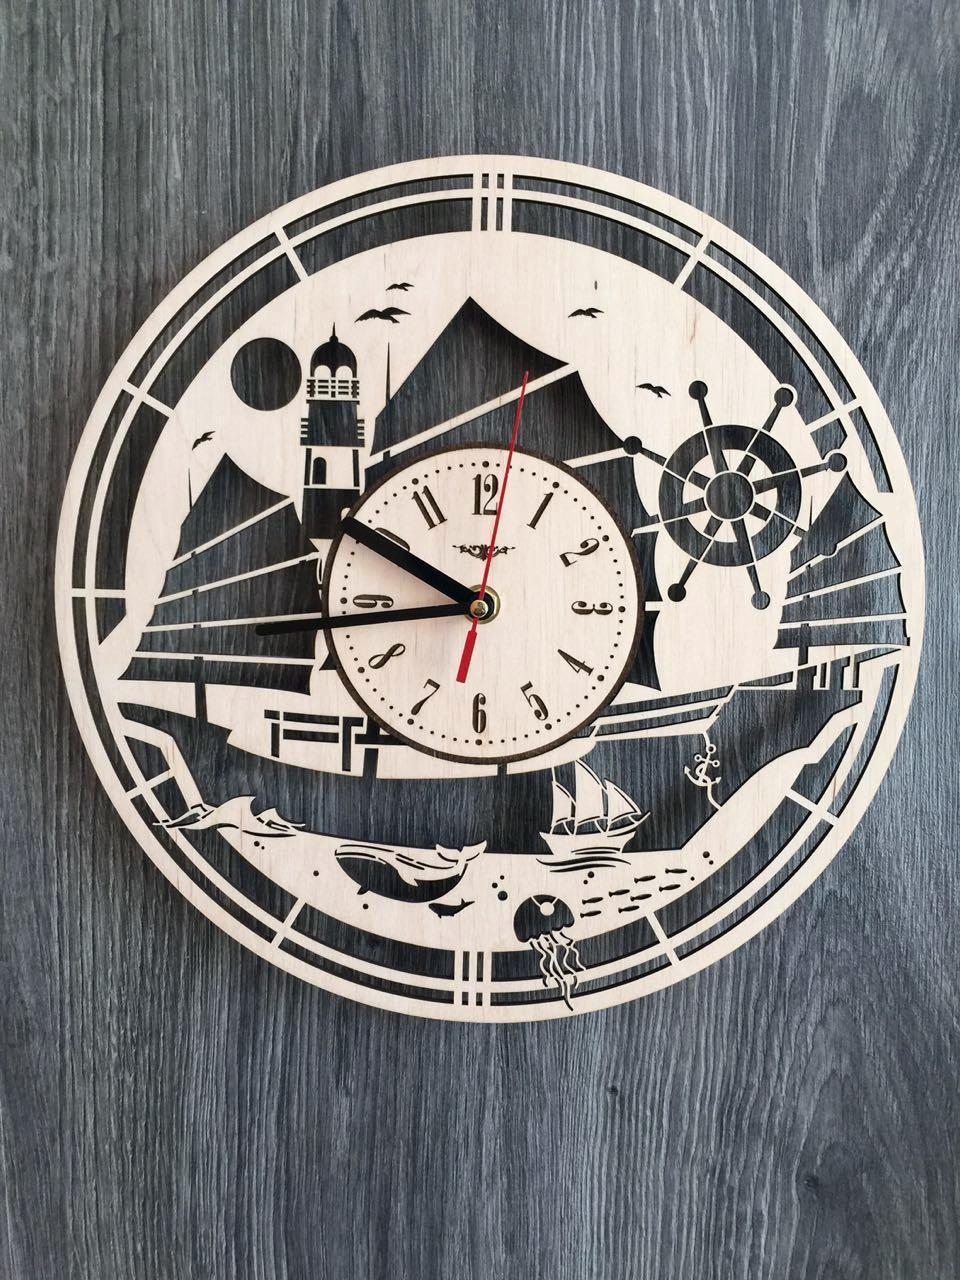 Концептуальные часы на стену 7Arts В открытом море CL-0144